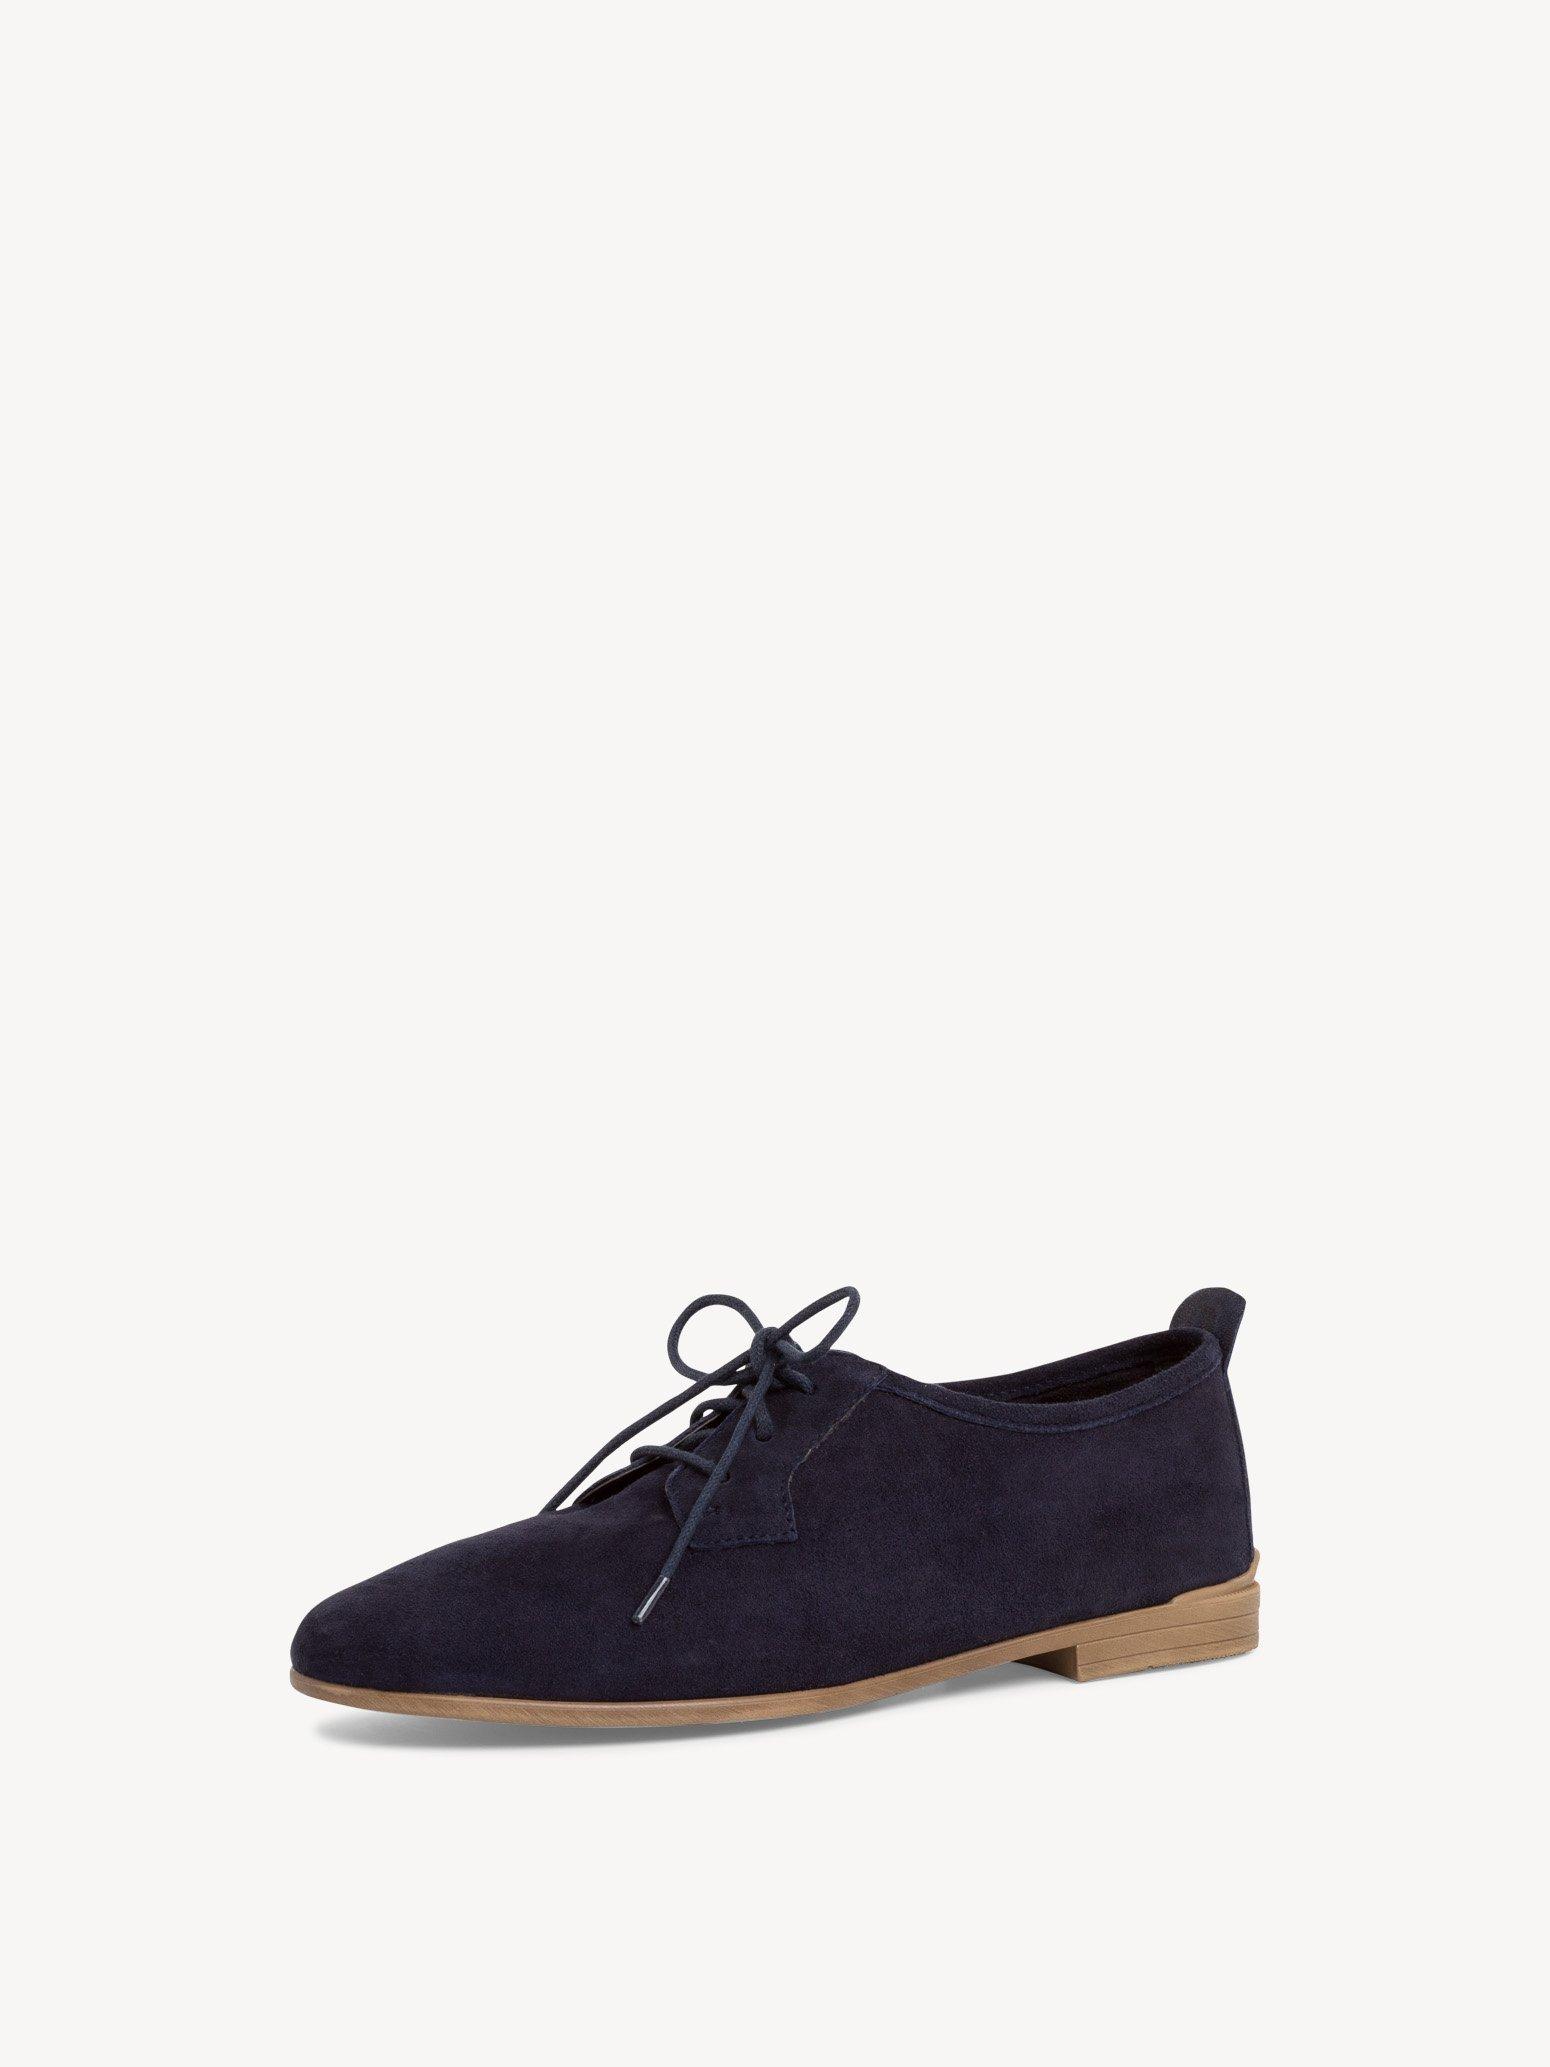 Ботинки на шнурках женские Tamaris 1-1-23200-26-805 фотография